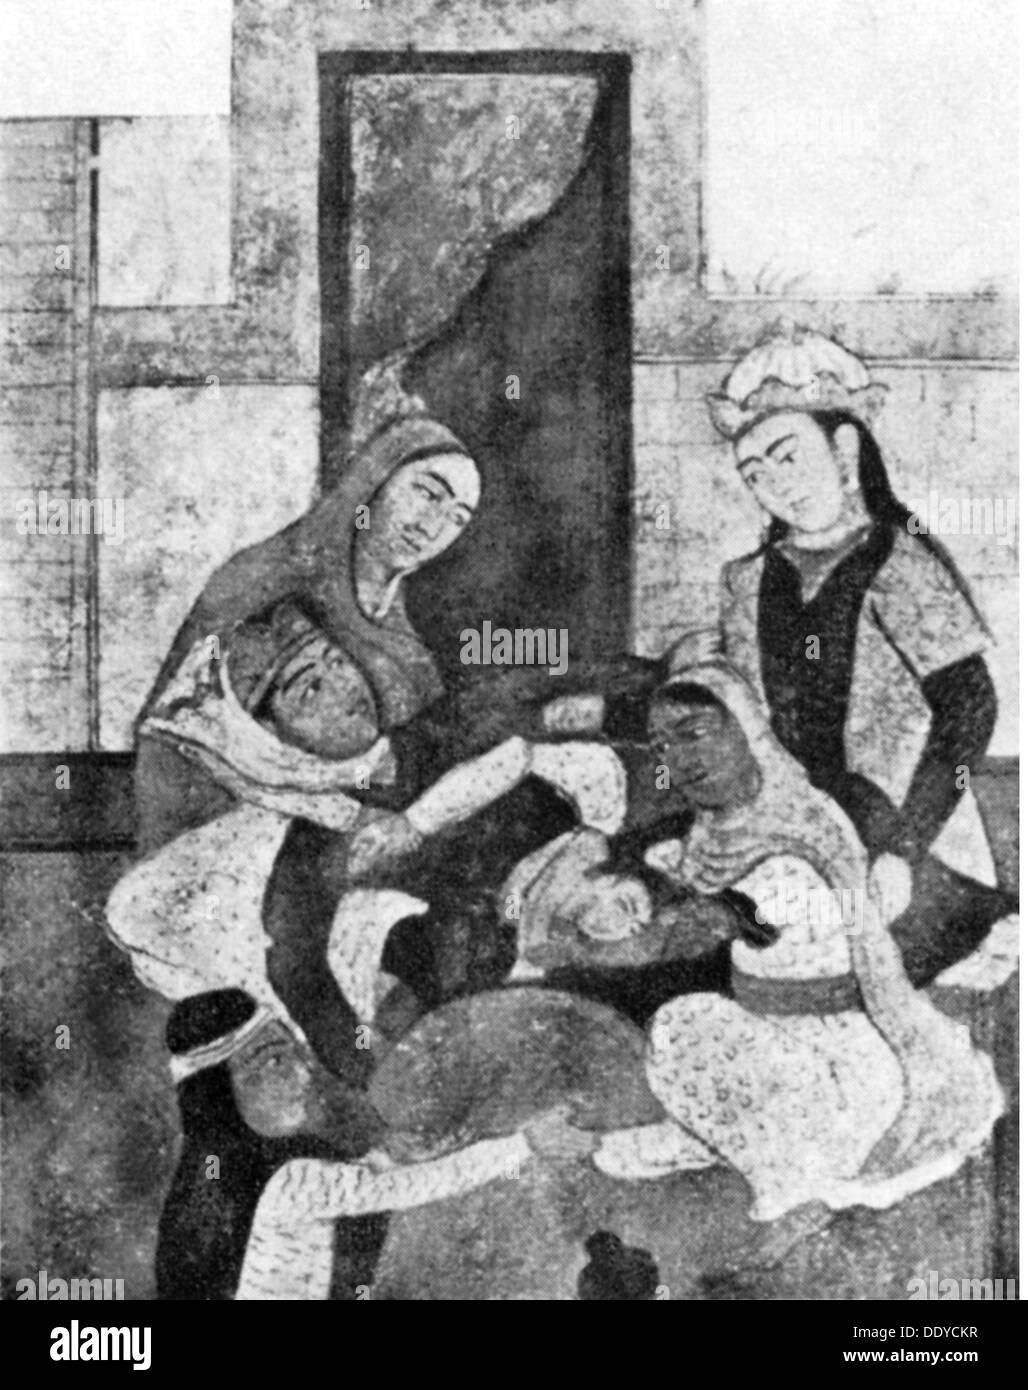 Nascita di medicina / ginecologia nascita con quattro ostetriche di un disegno da un oevre da Ferdowsi (940 / 941 - 1020) Persia circa mille Immagini Stock